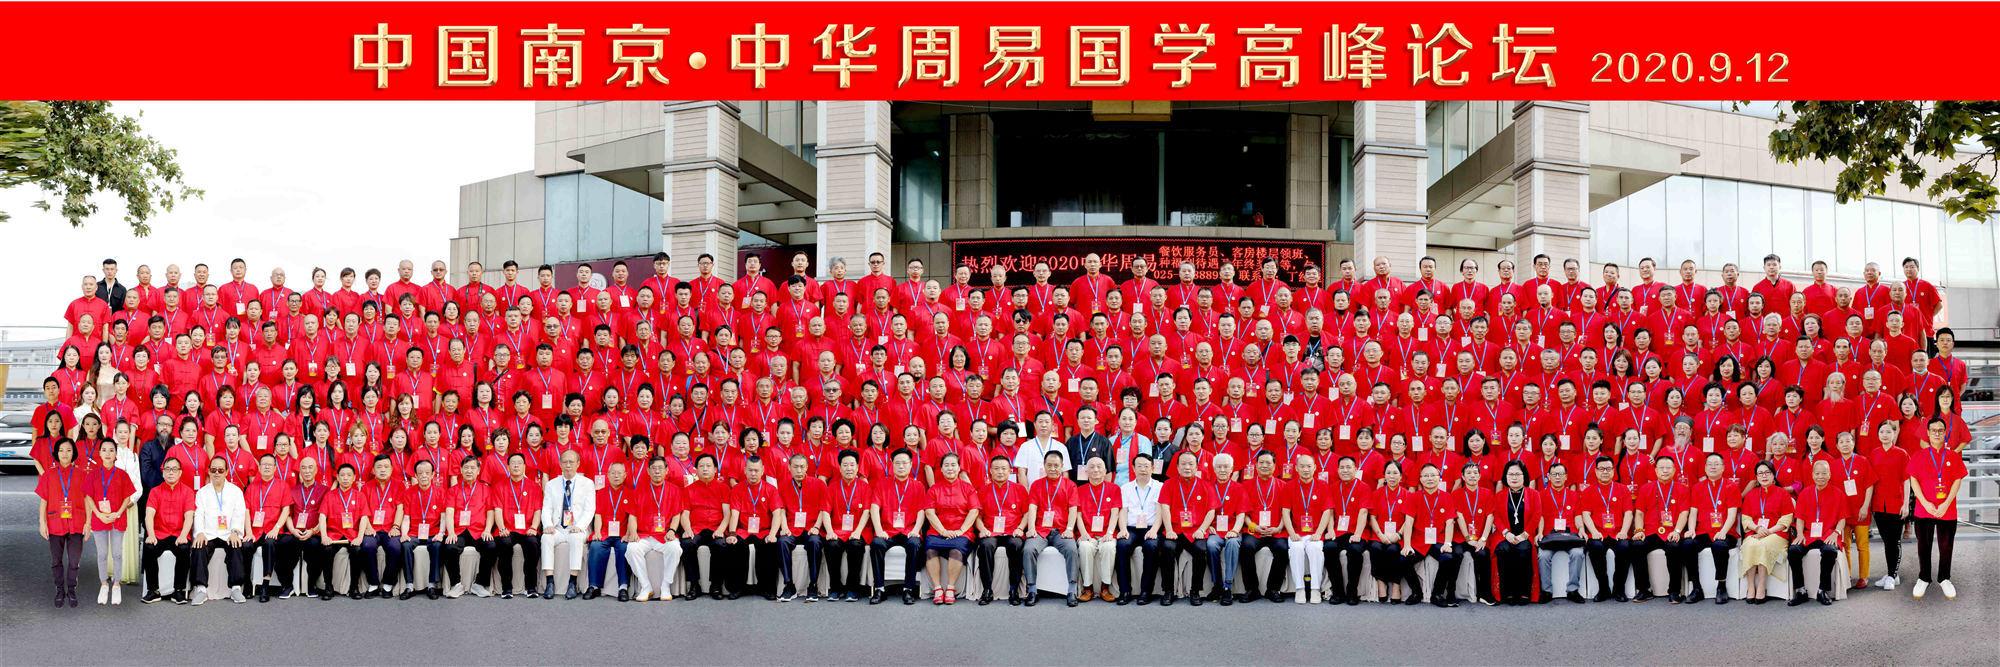 中华周易国学高峰论坛成功举办